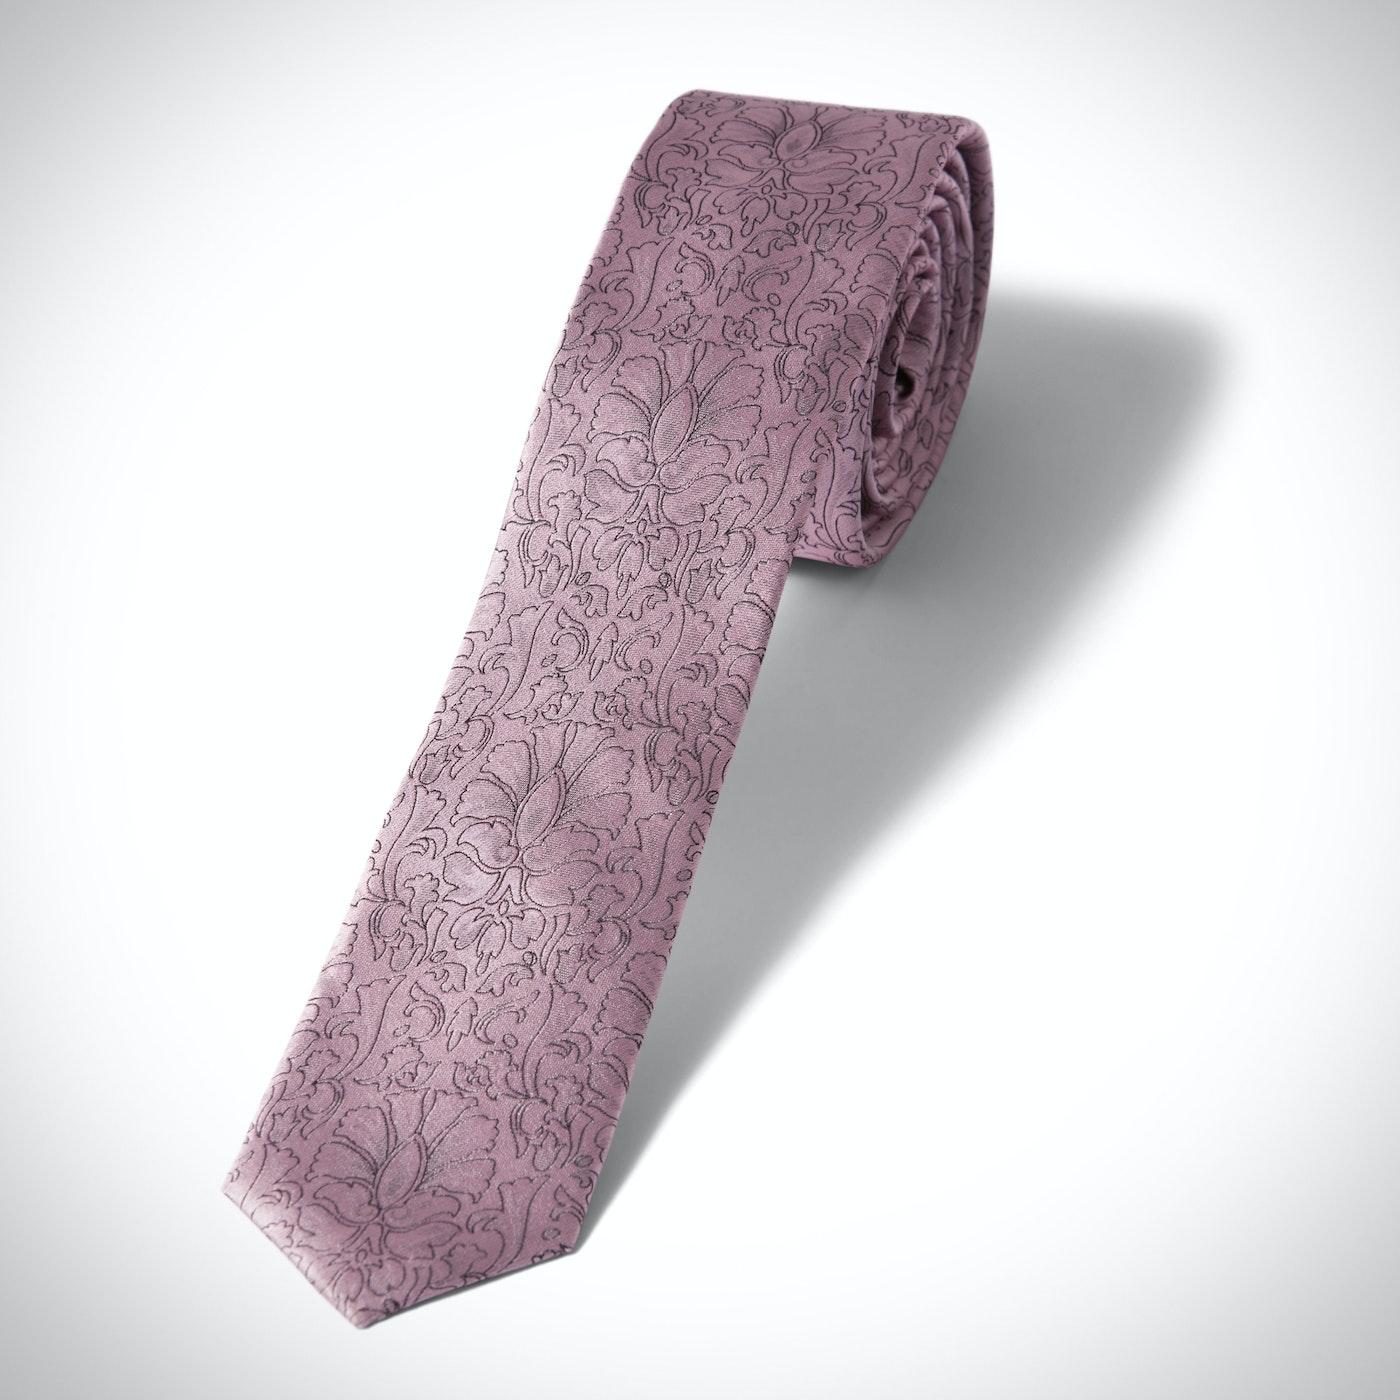 Skinny Pink Etched Floral Tie